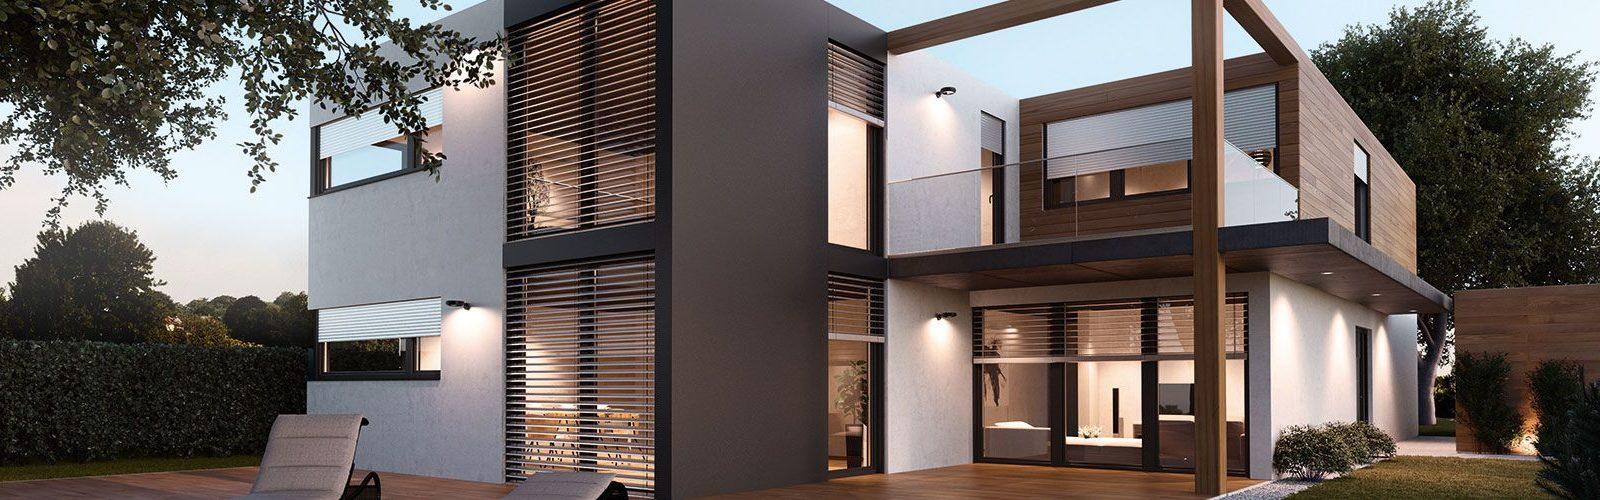 sonnenschutz au en kobe fenster t ren sonnenschutz gmbh. Black Bedroom Furniture Sets. Home Design Ideas